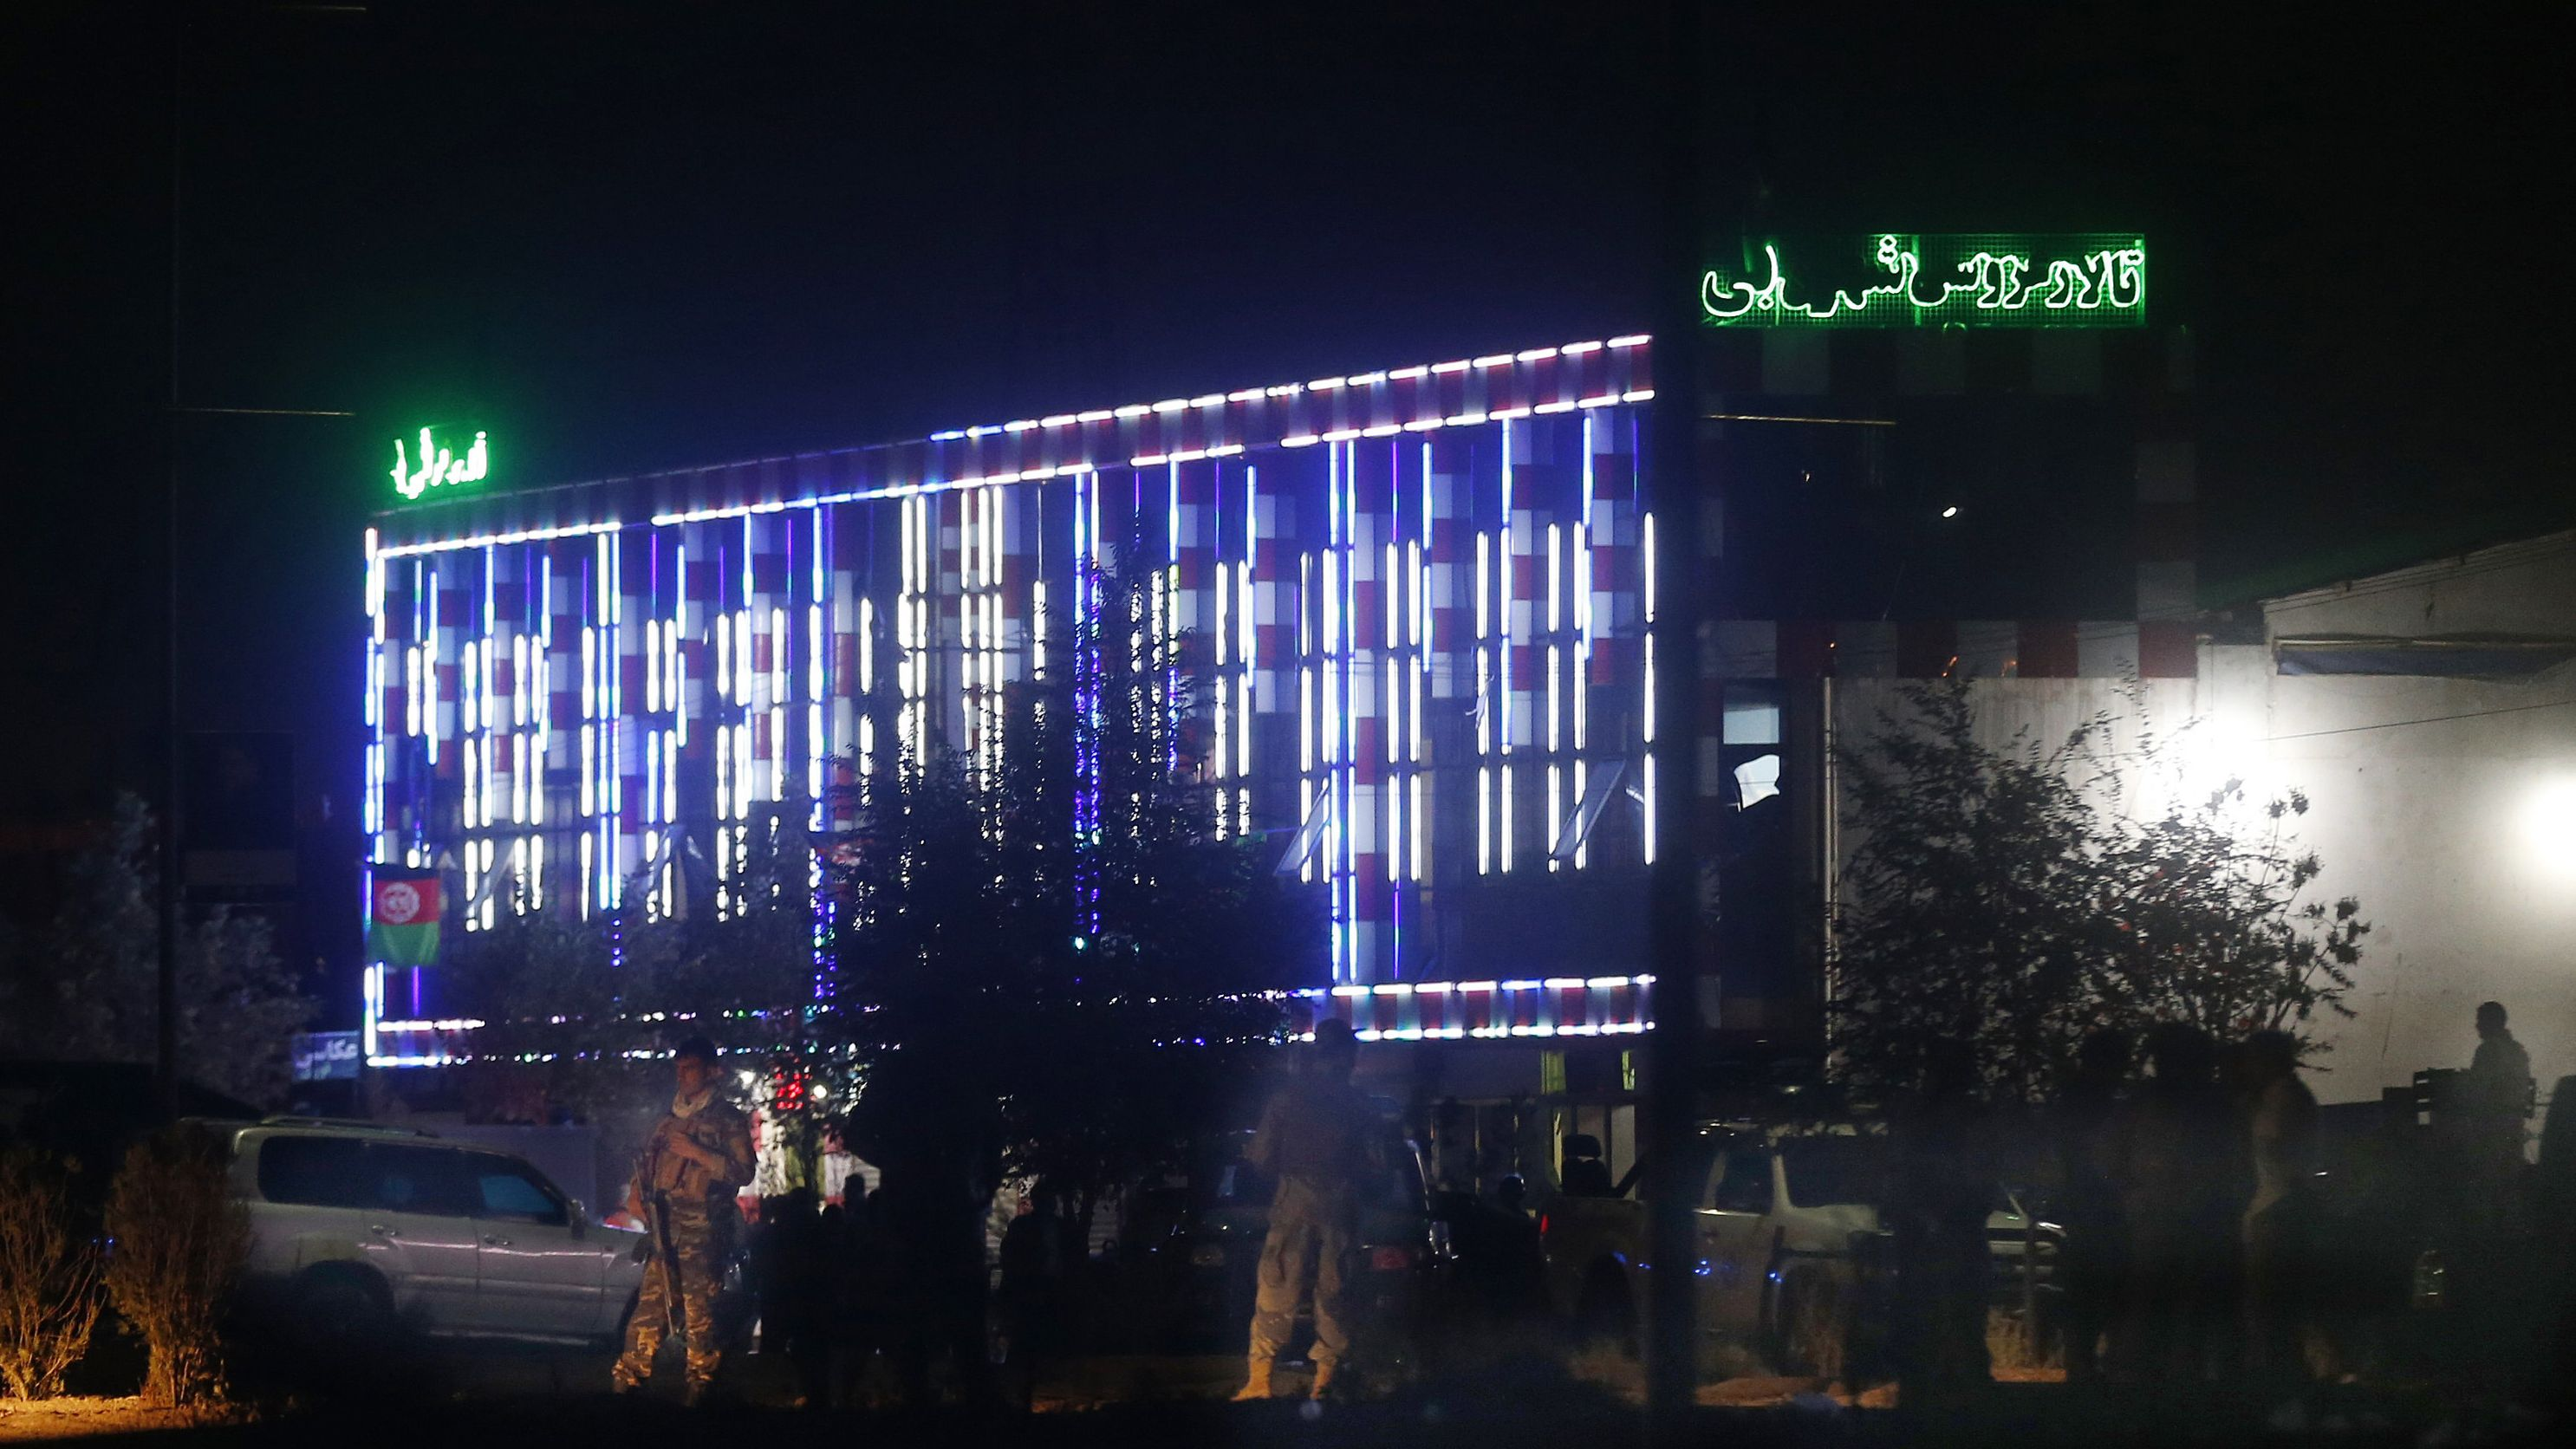 In der afghanischen Hauptstadt Kabul ist es am späten Samstagabend zu einer schweren Explosion gekommen, bei der mindestens 63 Menschen starben.